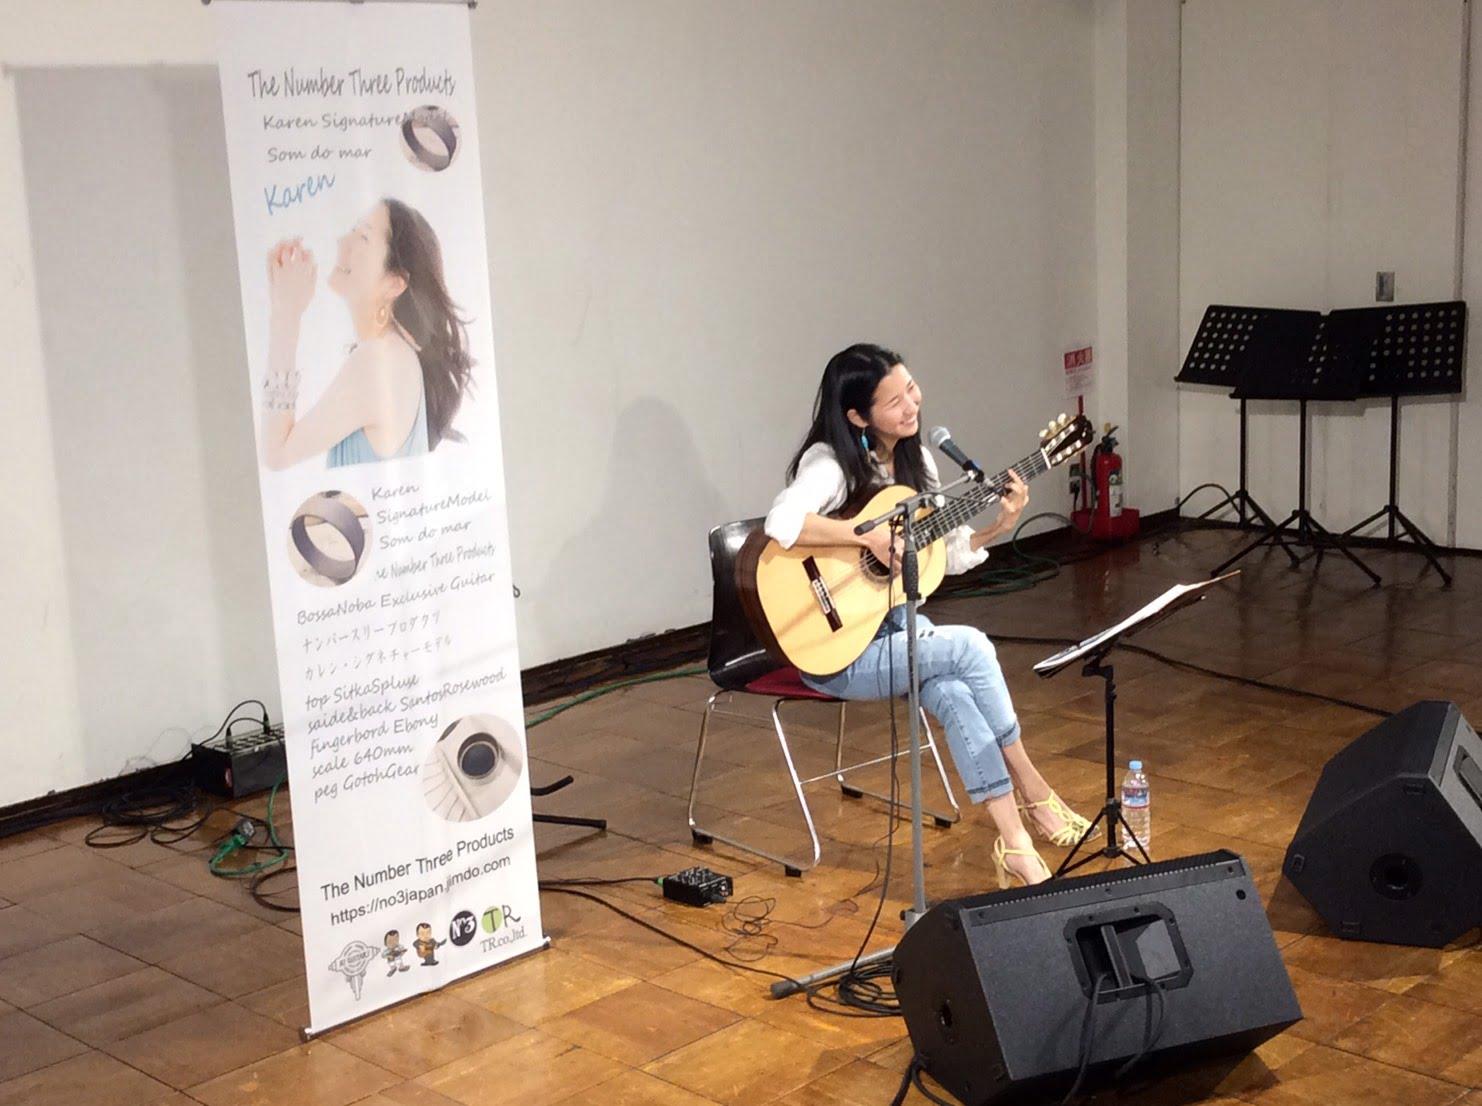 2017年・TBS主催ハンドクラフト・ギターフェスにて。Karenモデルのギター発表時